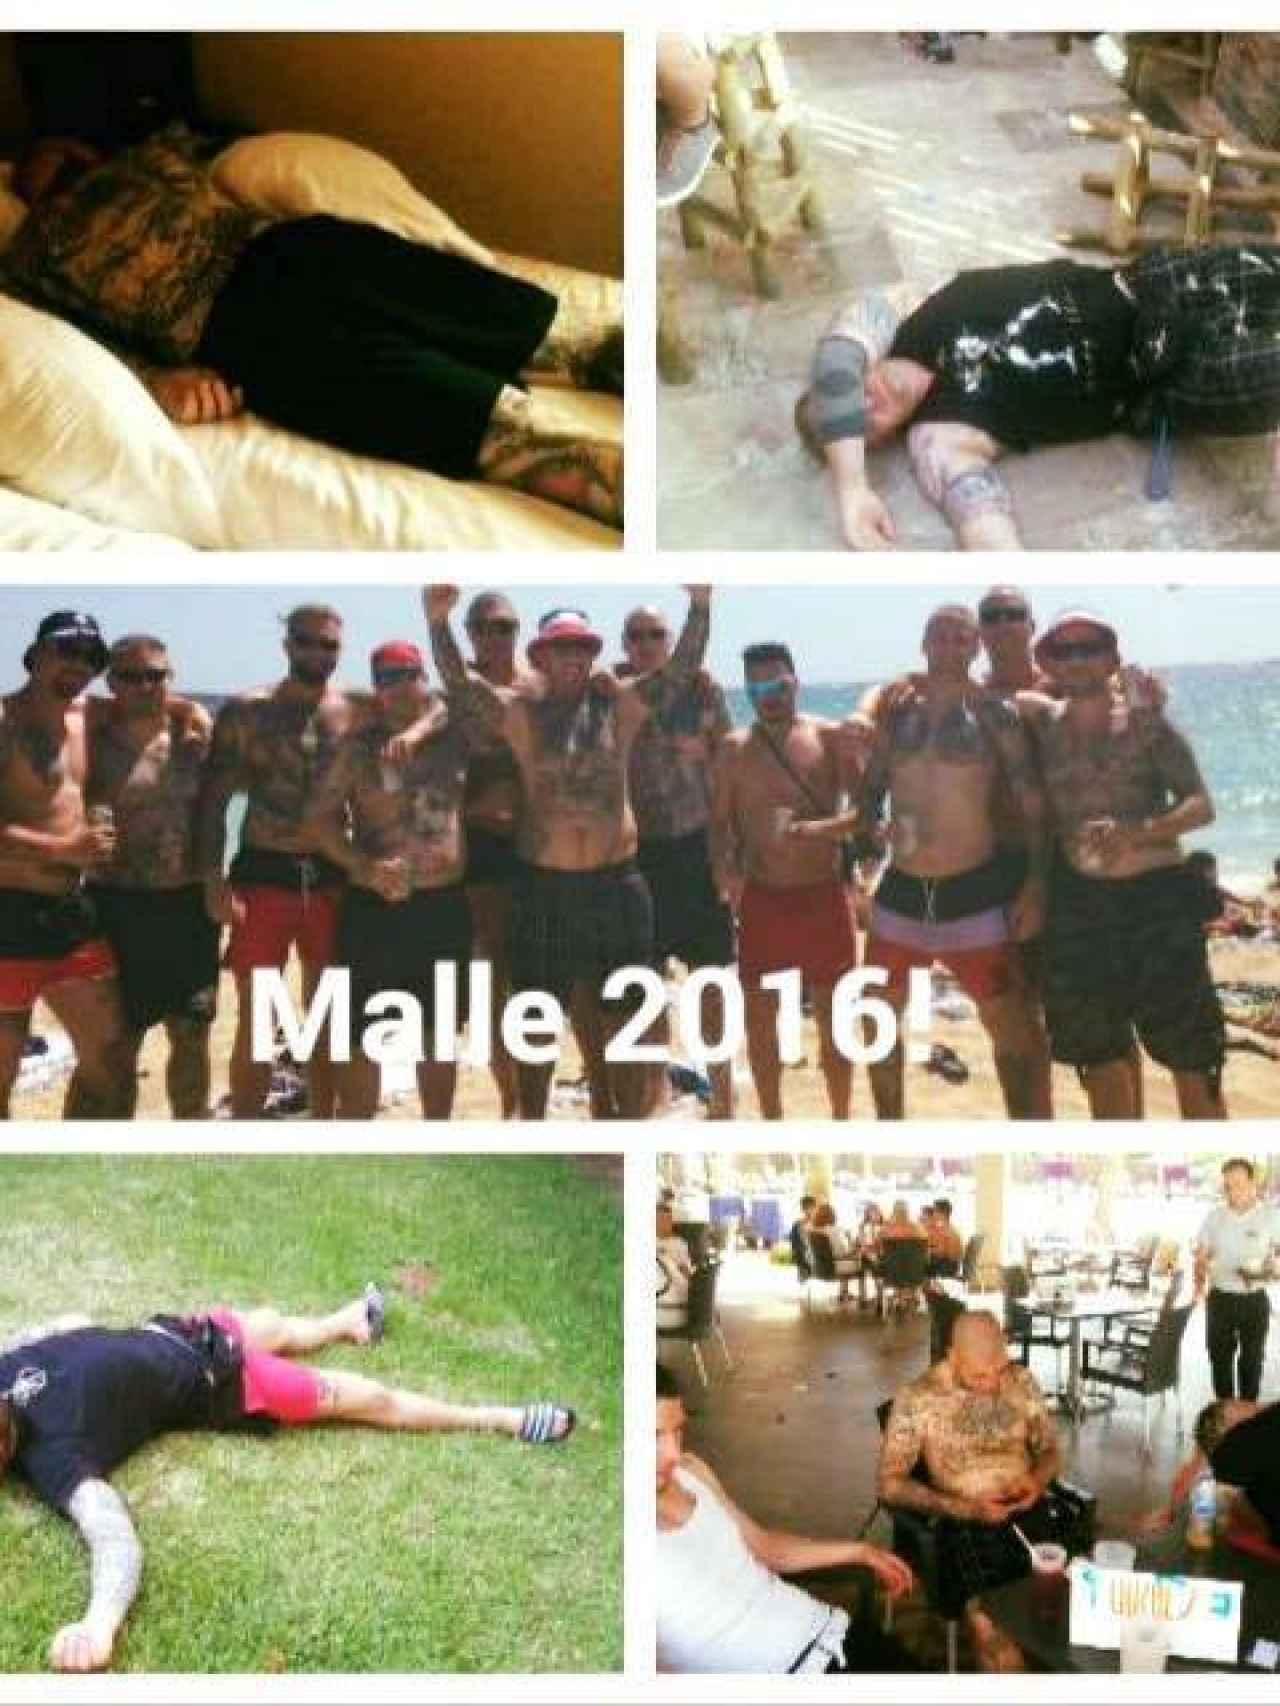 Los miembros de Hammerskin Alemania cuelgan fotos de sus borracheras en Mallorca en las redes sociales